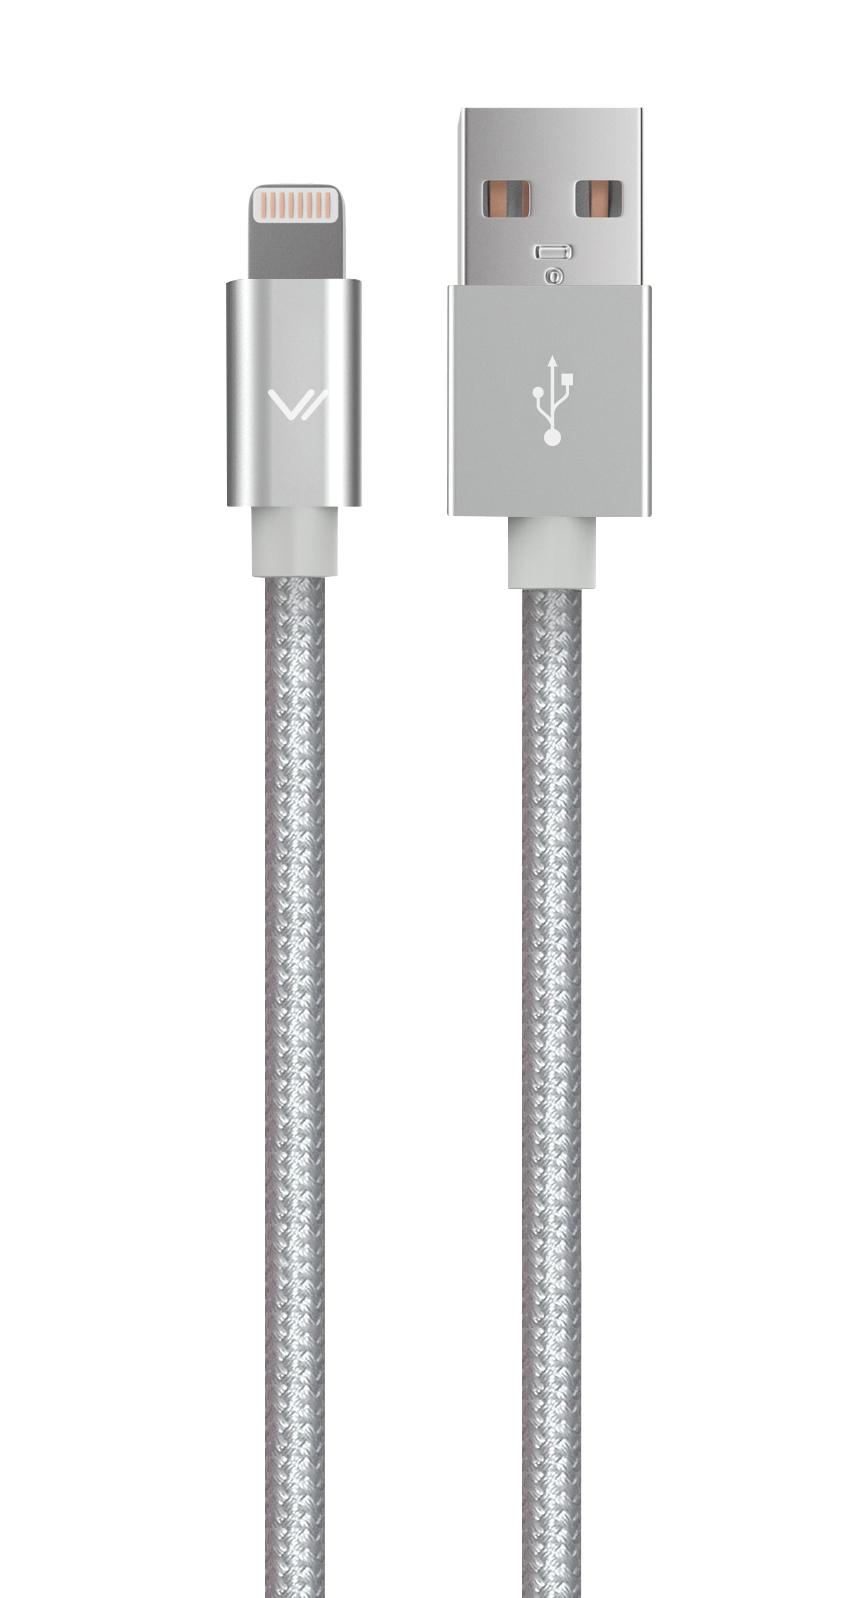 Дата-кабель Vertex для iPhone 6/6S/6Plus и iPhone5/5S/5C/SE MFI текстильный Silver стоимость